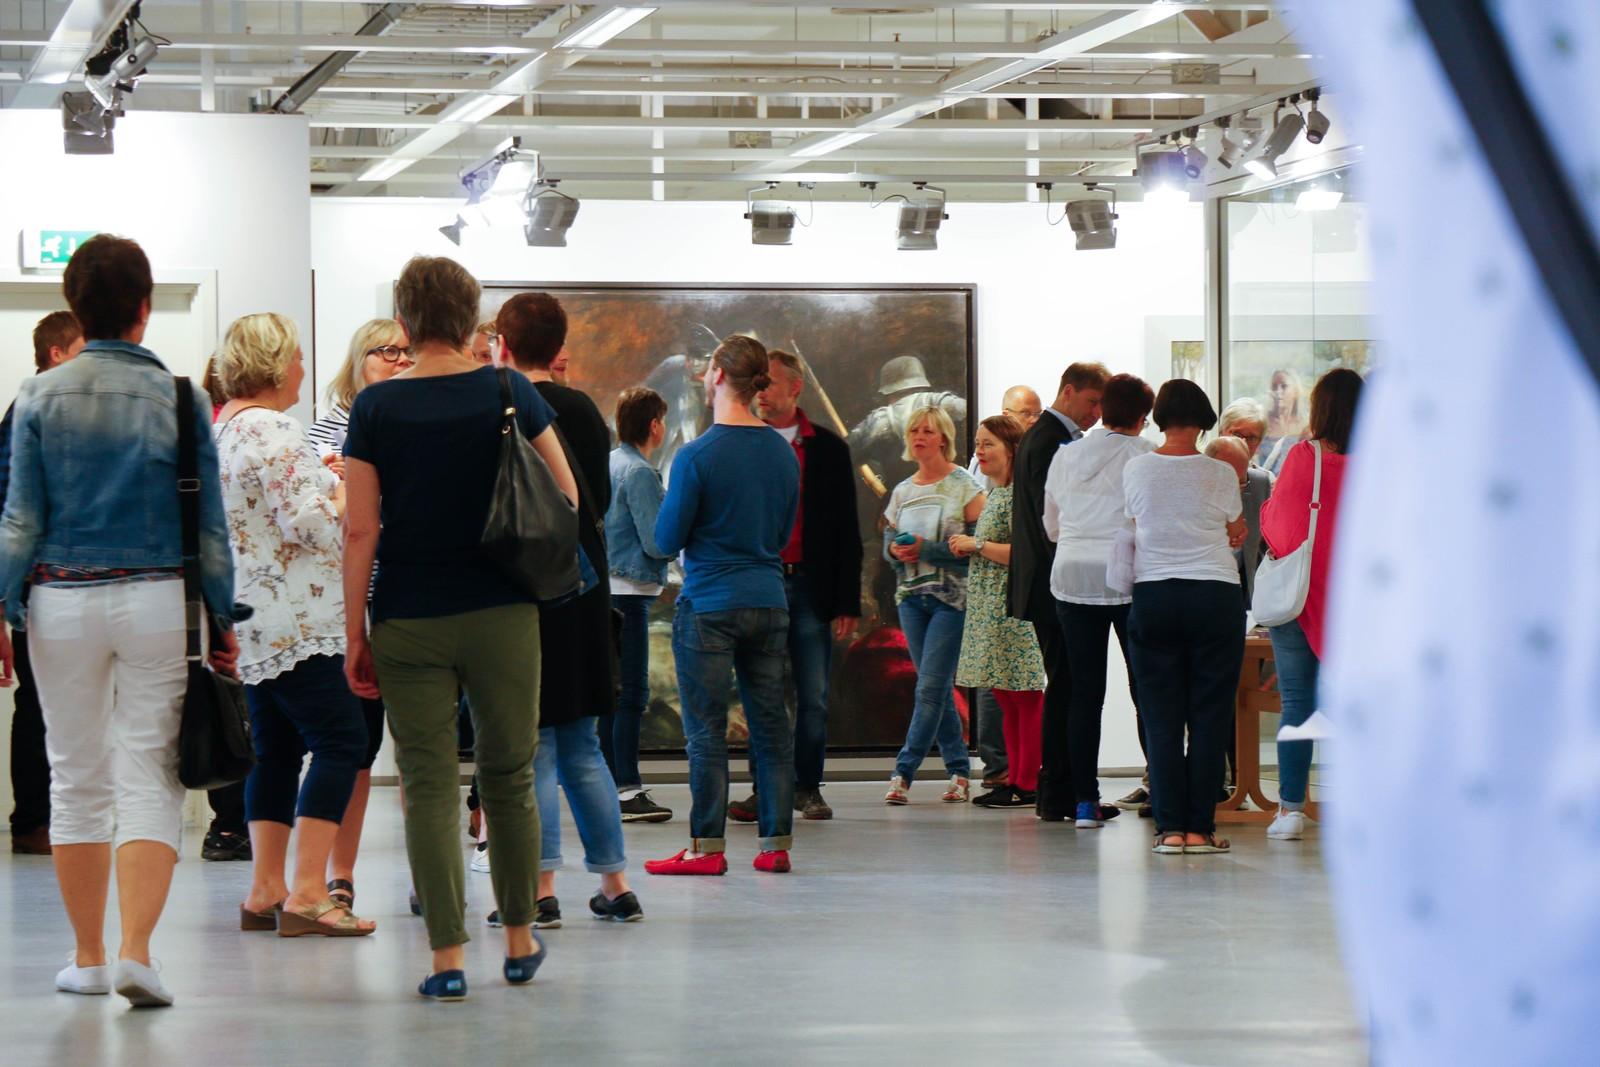 Svært mange hadde møtt opp til opninga av Vebjørn Sand si utstilling Individets val. Utstillinga er ei såkalla pop-up-utstilling og heng i tredje etasje på eit av dei store kjøpesentera i Førde.